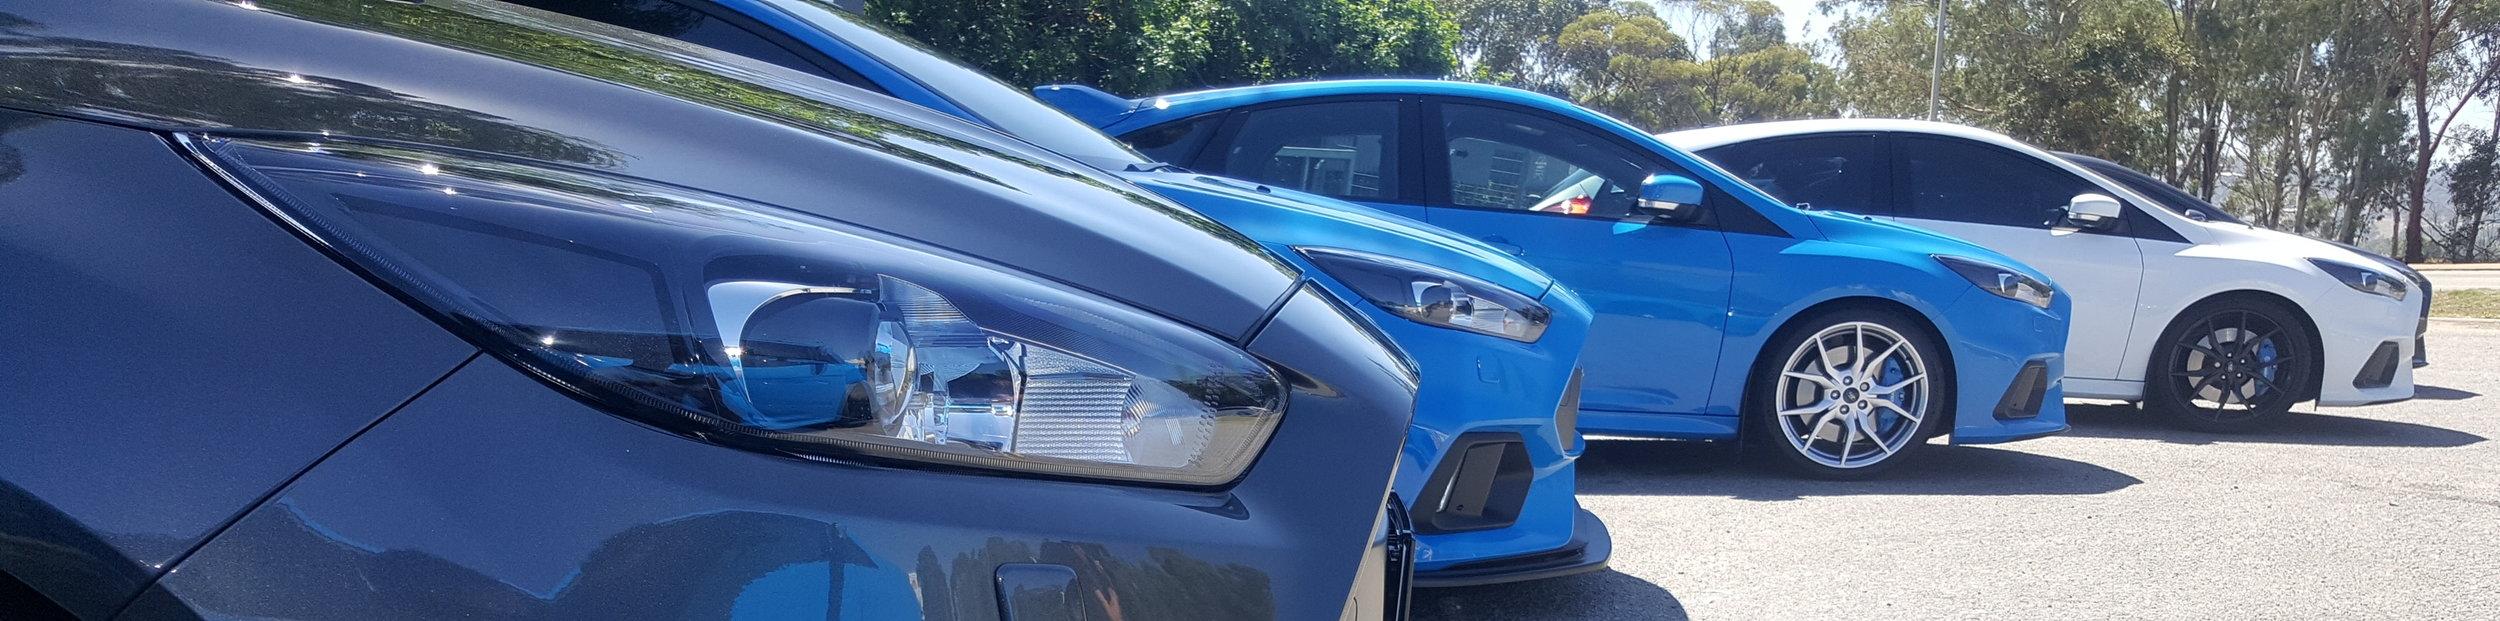 Vehicle showcase -